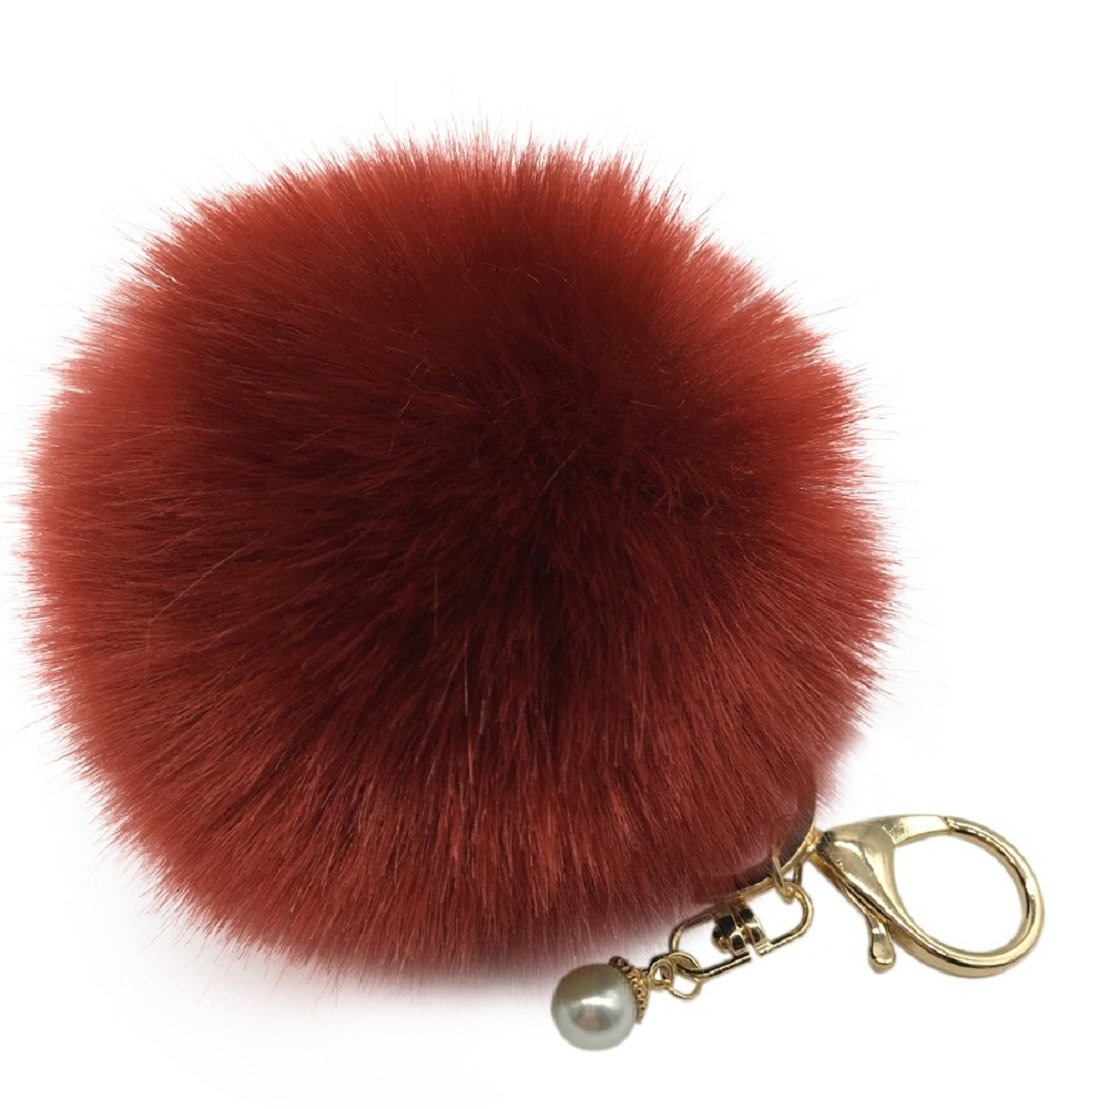 Amiley Fluffy Faux Rabbit Fur Ball Charm Pom Pom Car Keychain Handbag Key Ring (Wine Red)